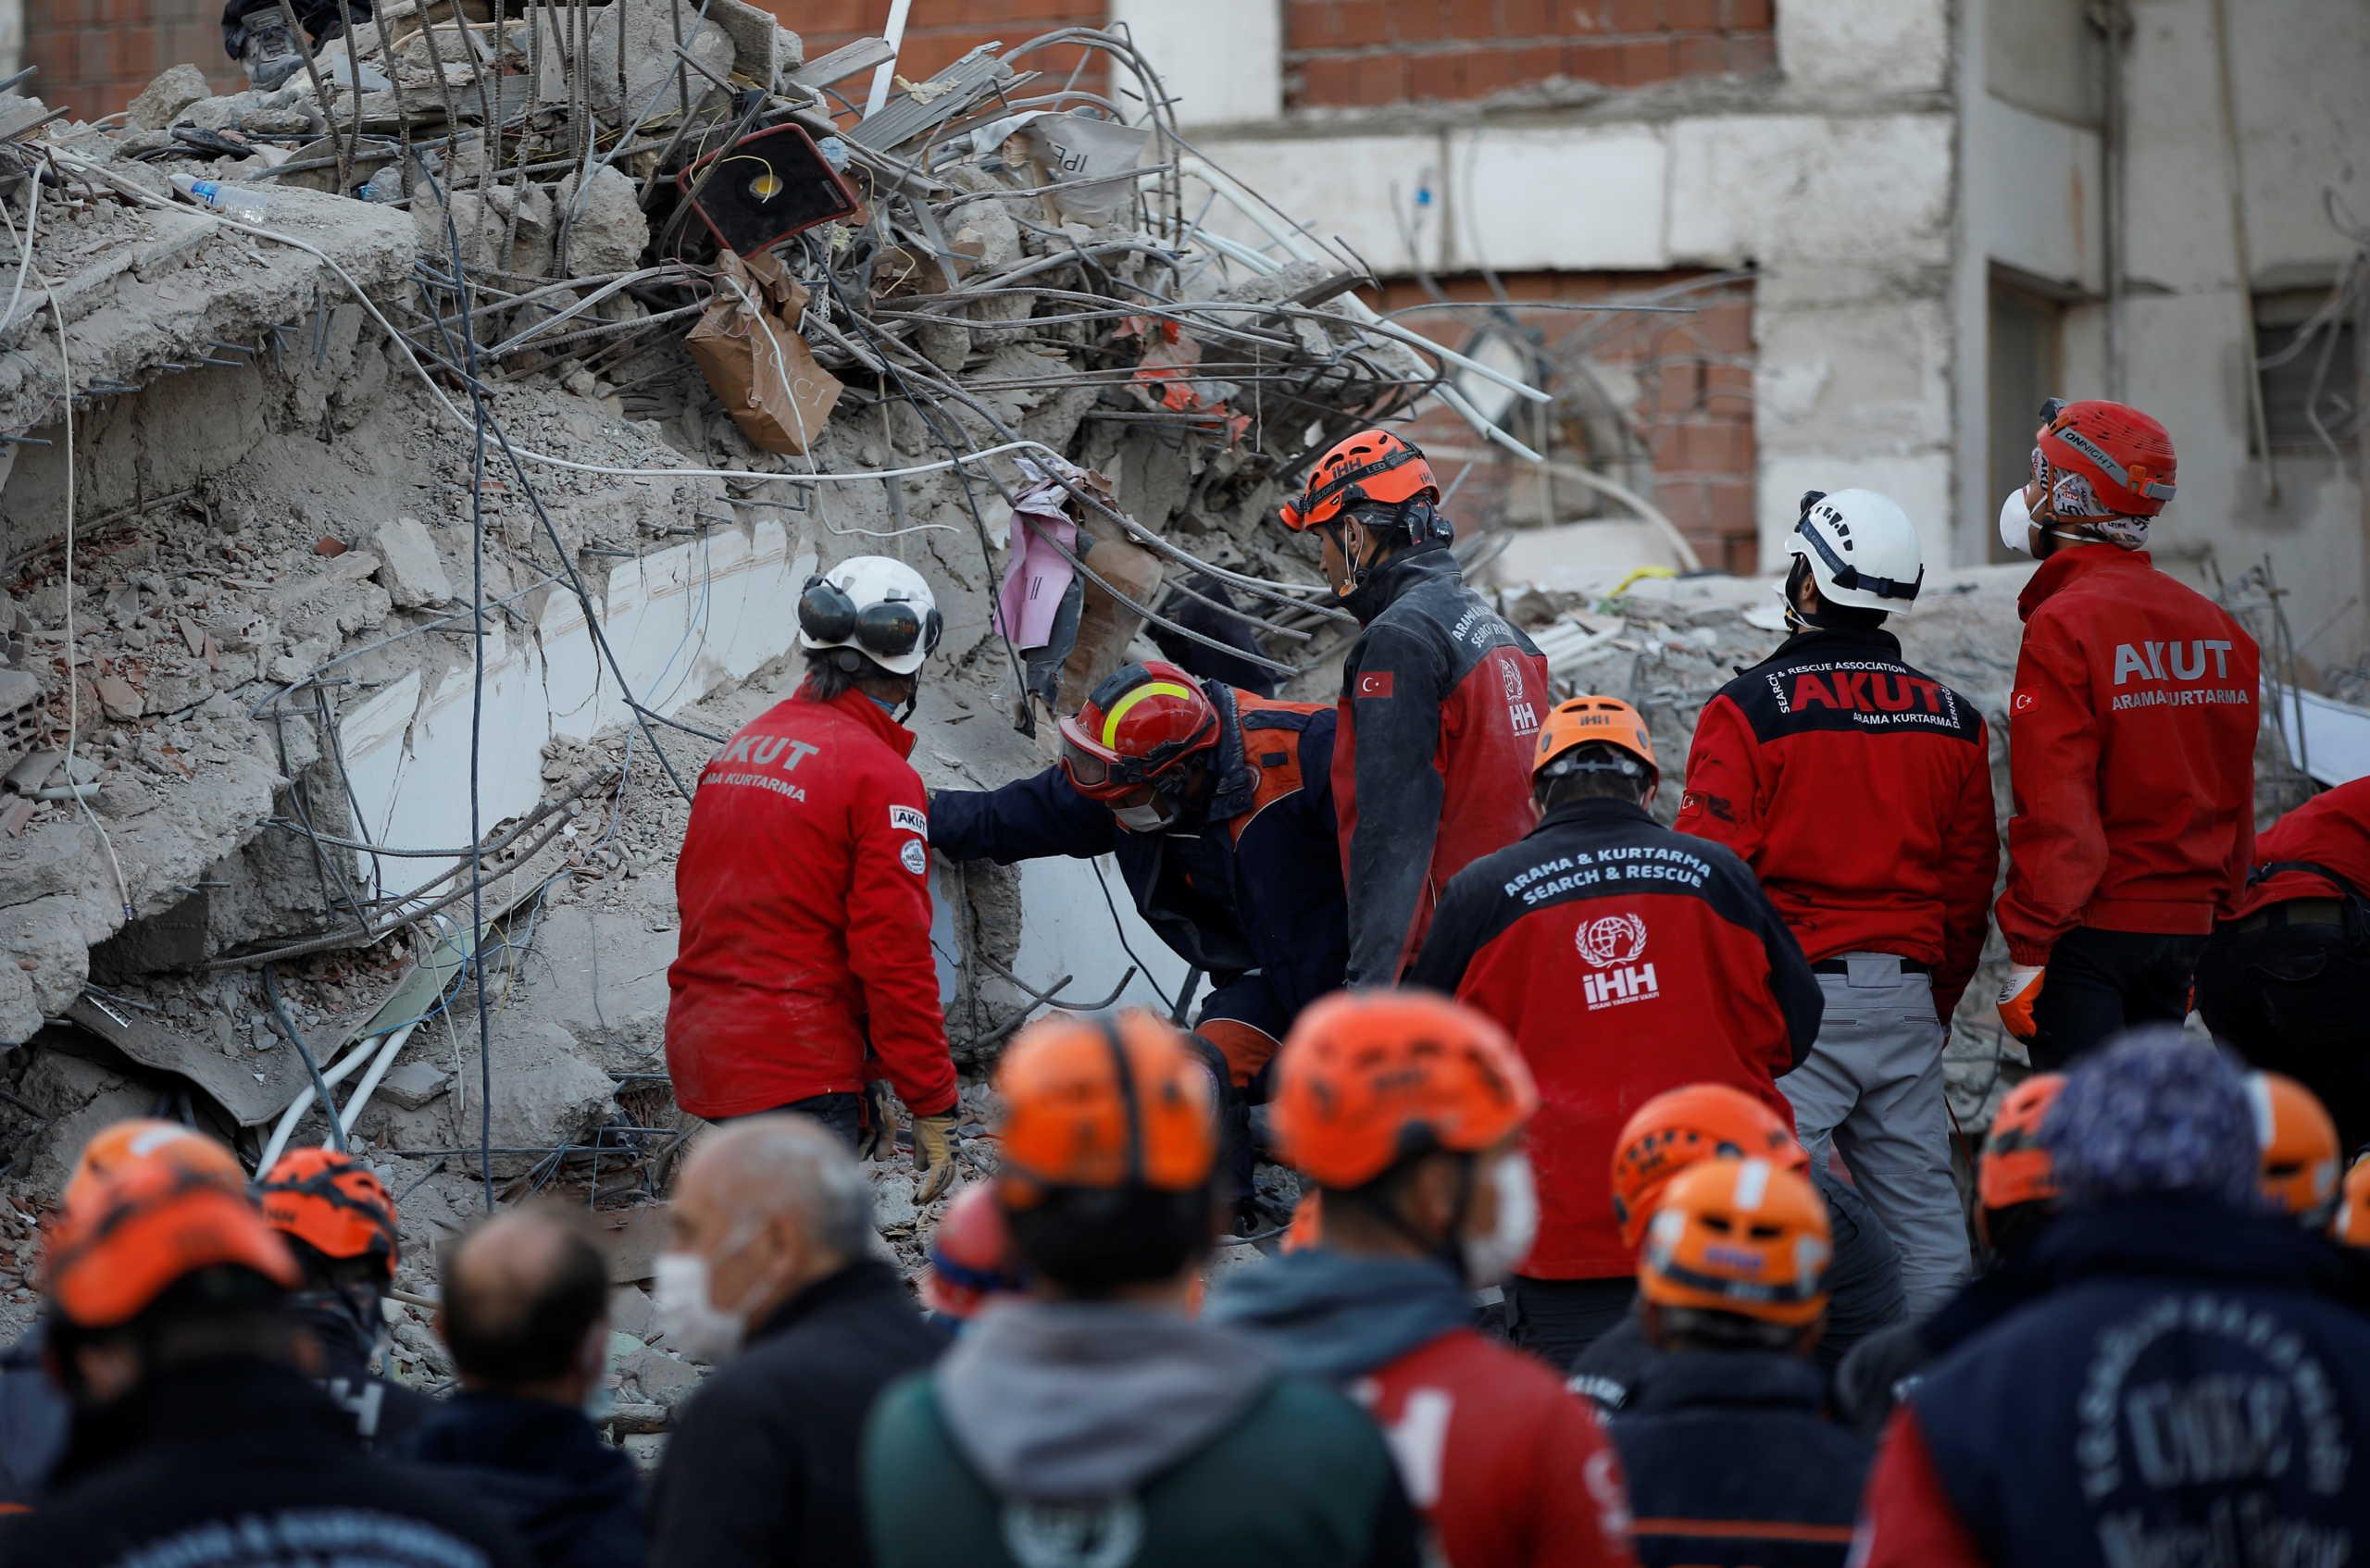 Σμύρνη: 83 οι νεκροί από τον φονικό σεισμό – Δεκάδες άνθρωποι είναι ακόμα εγκλωβισμένοι (pics, video)